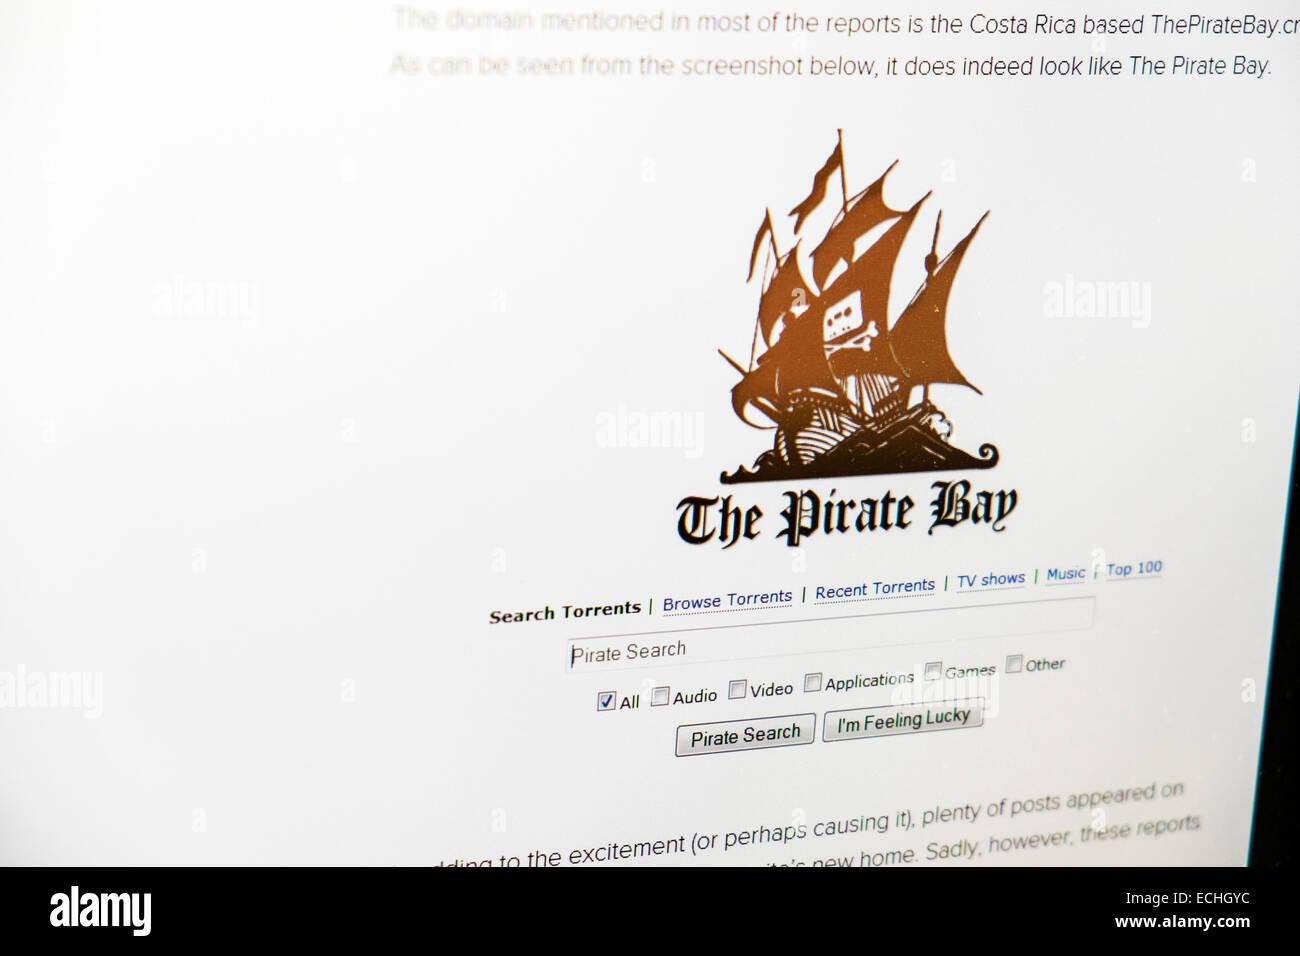 La Bahía Pirata ilegal sitio web descargar torrent descargar Front page web online Buscar equipo buque insignia Imagen De Stock